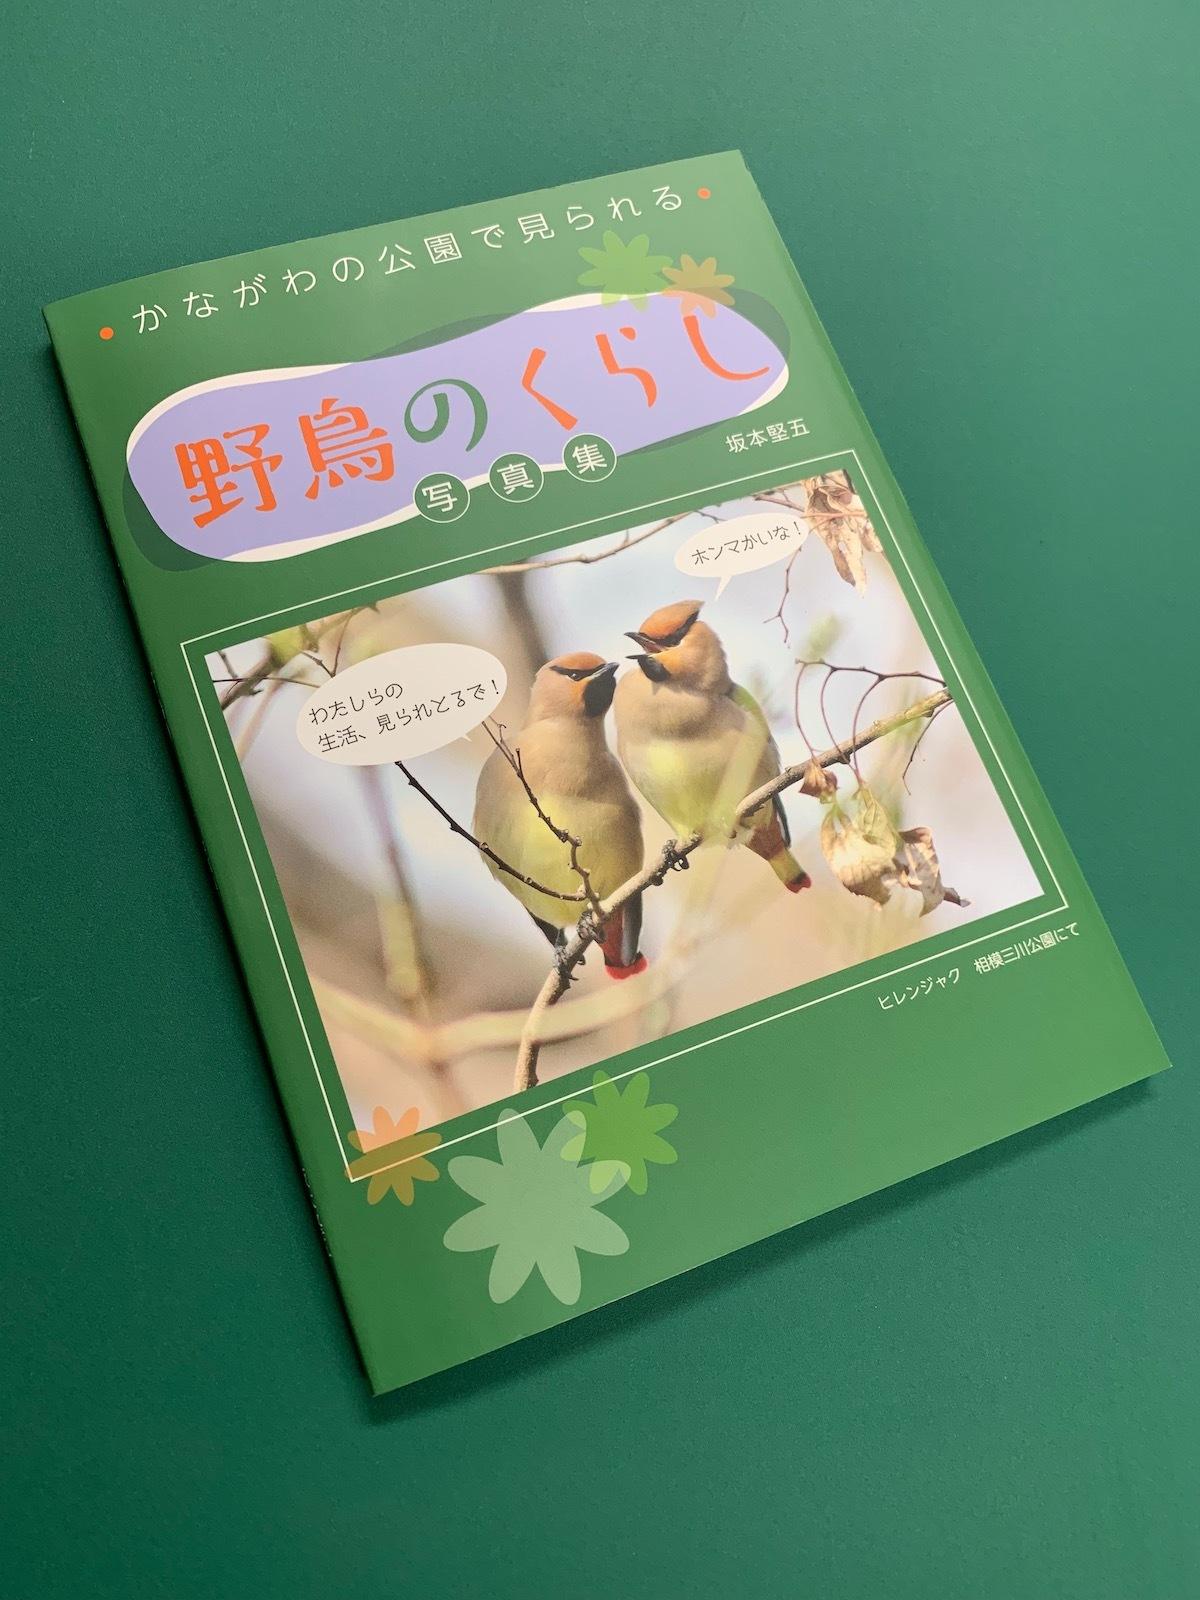 神奈川の公園で見られる野鳥のくらし表紙